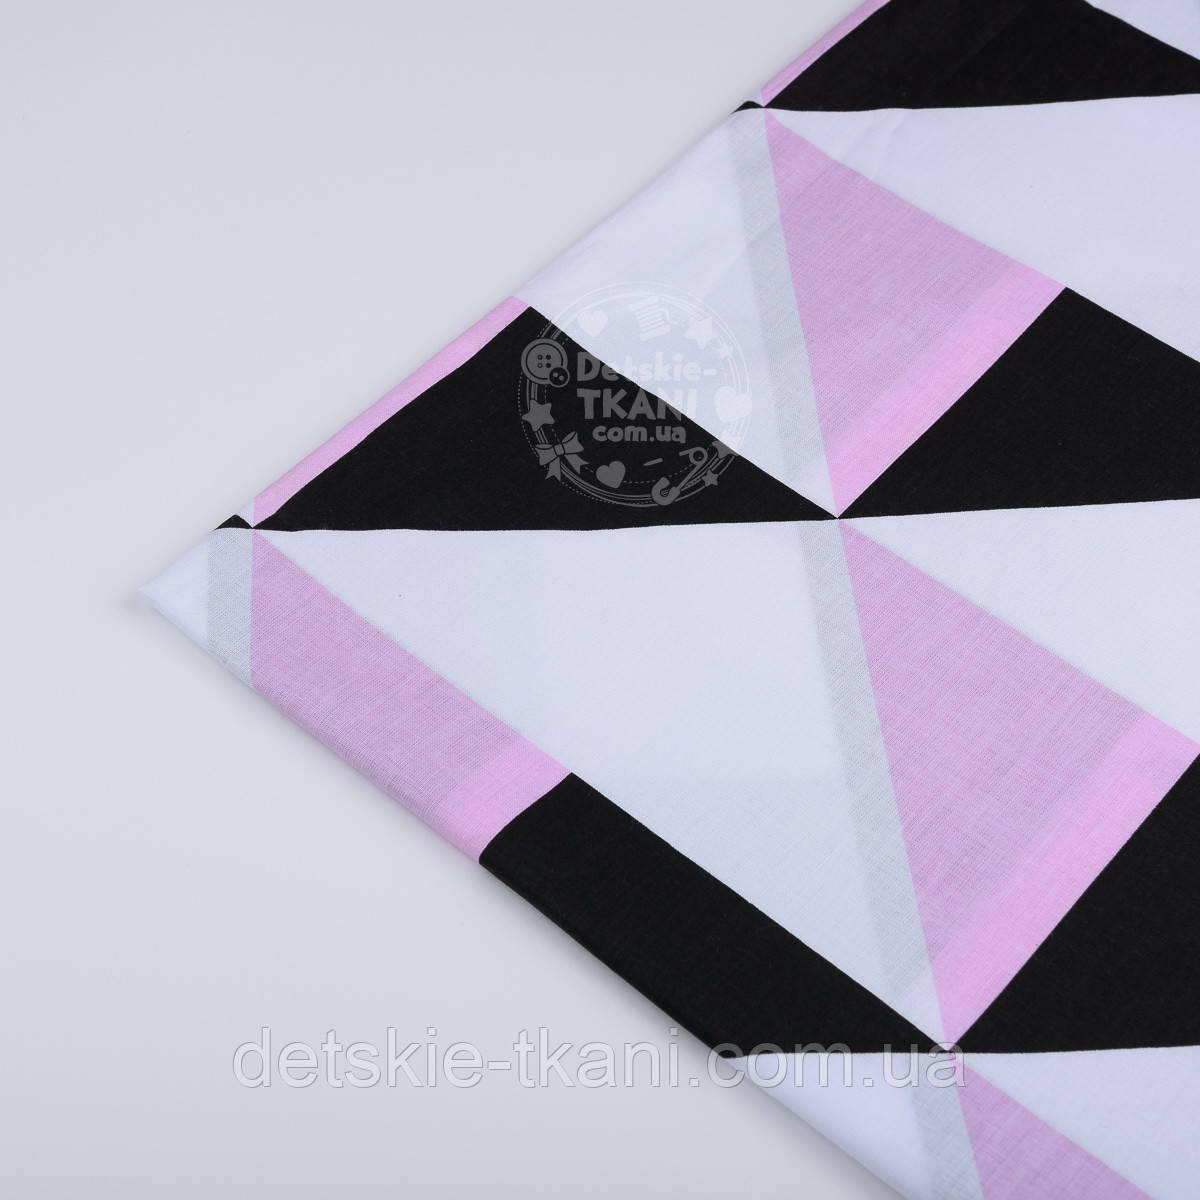 Отрез ткани с большими треугольниками чёрного и розового цвета (№ 796)